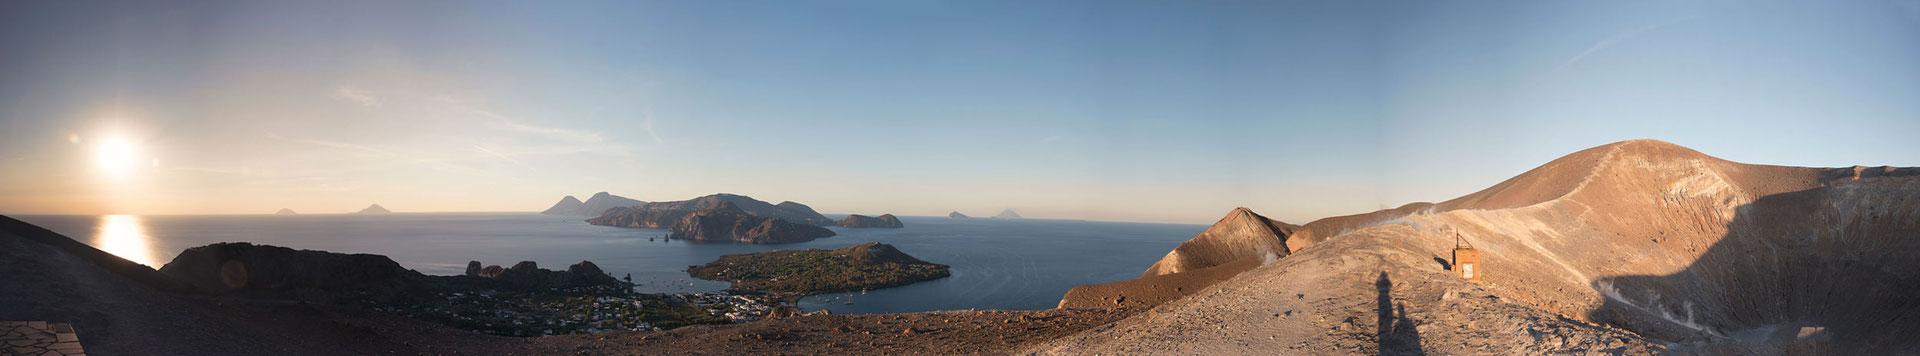 Faszinierender Panorama-Blick vom Krater des Vulcano auf die andere Inseln der Äolischen Inselgruppe. Die am weitest entfernte Insel ist Stromboli mit dem nächsten Vulkan.